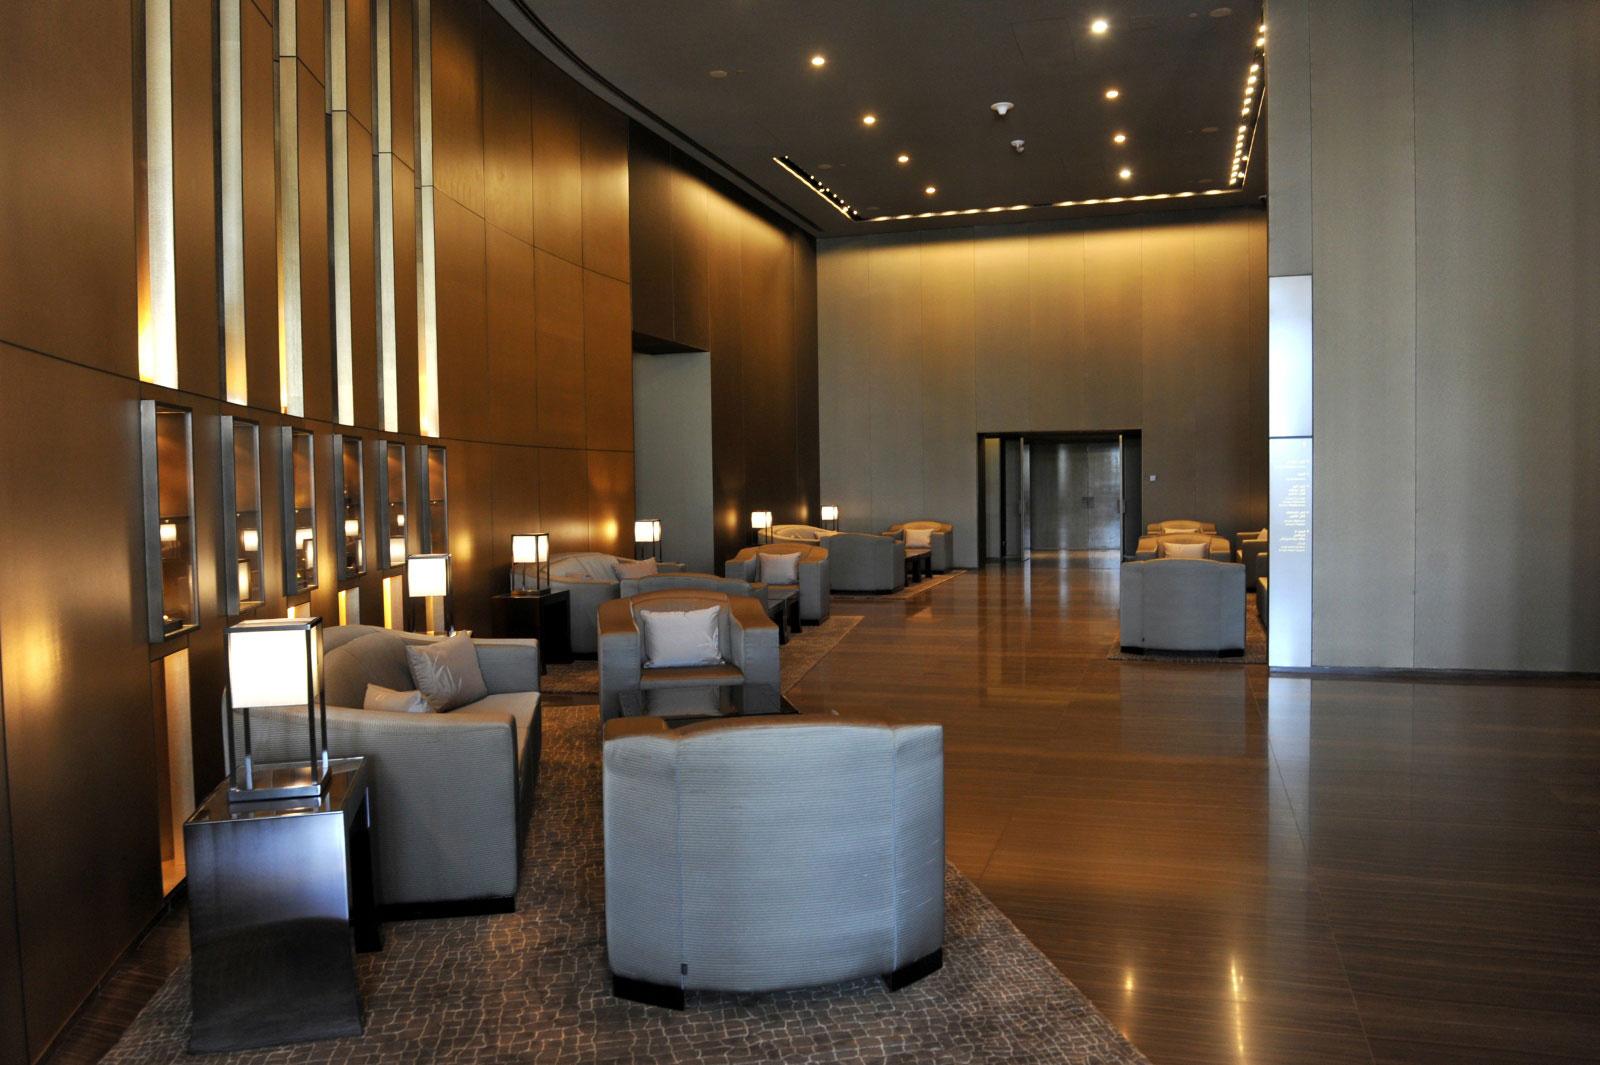 بالصور فندق ارماني دبي , للفخامة عنوان 14917 5